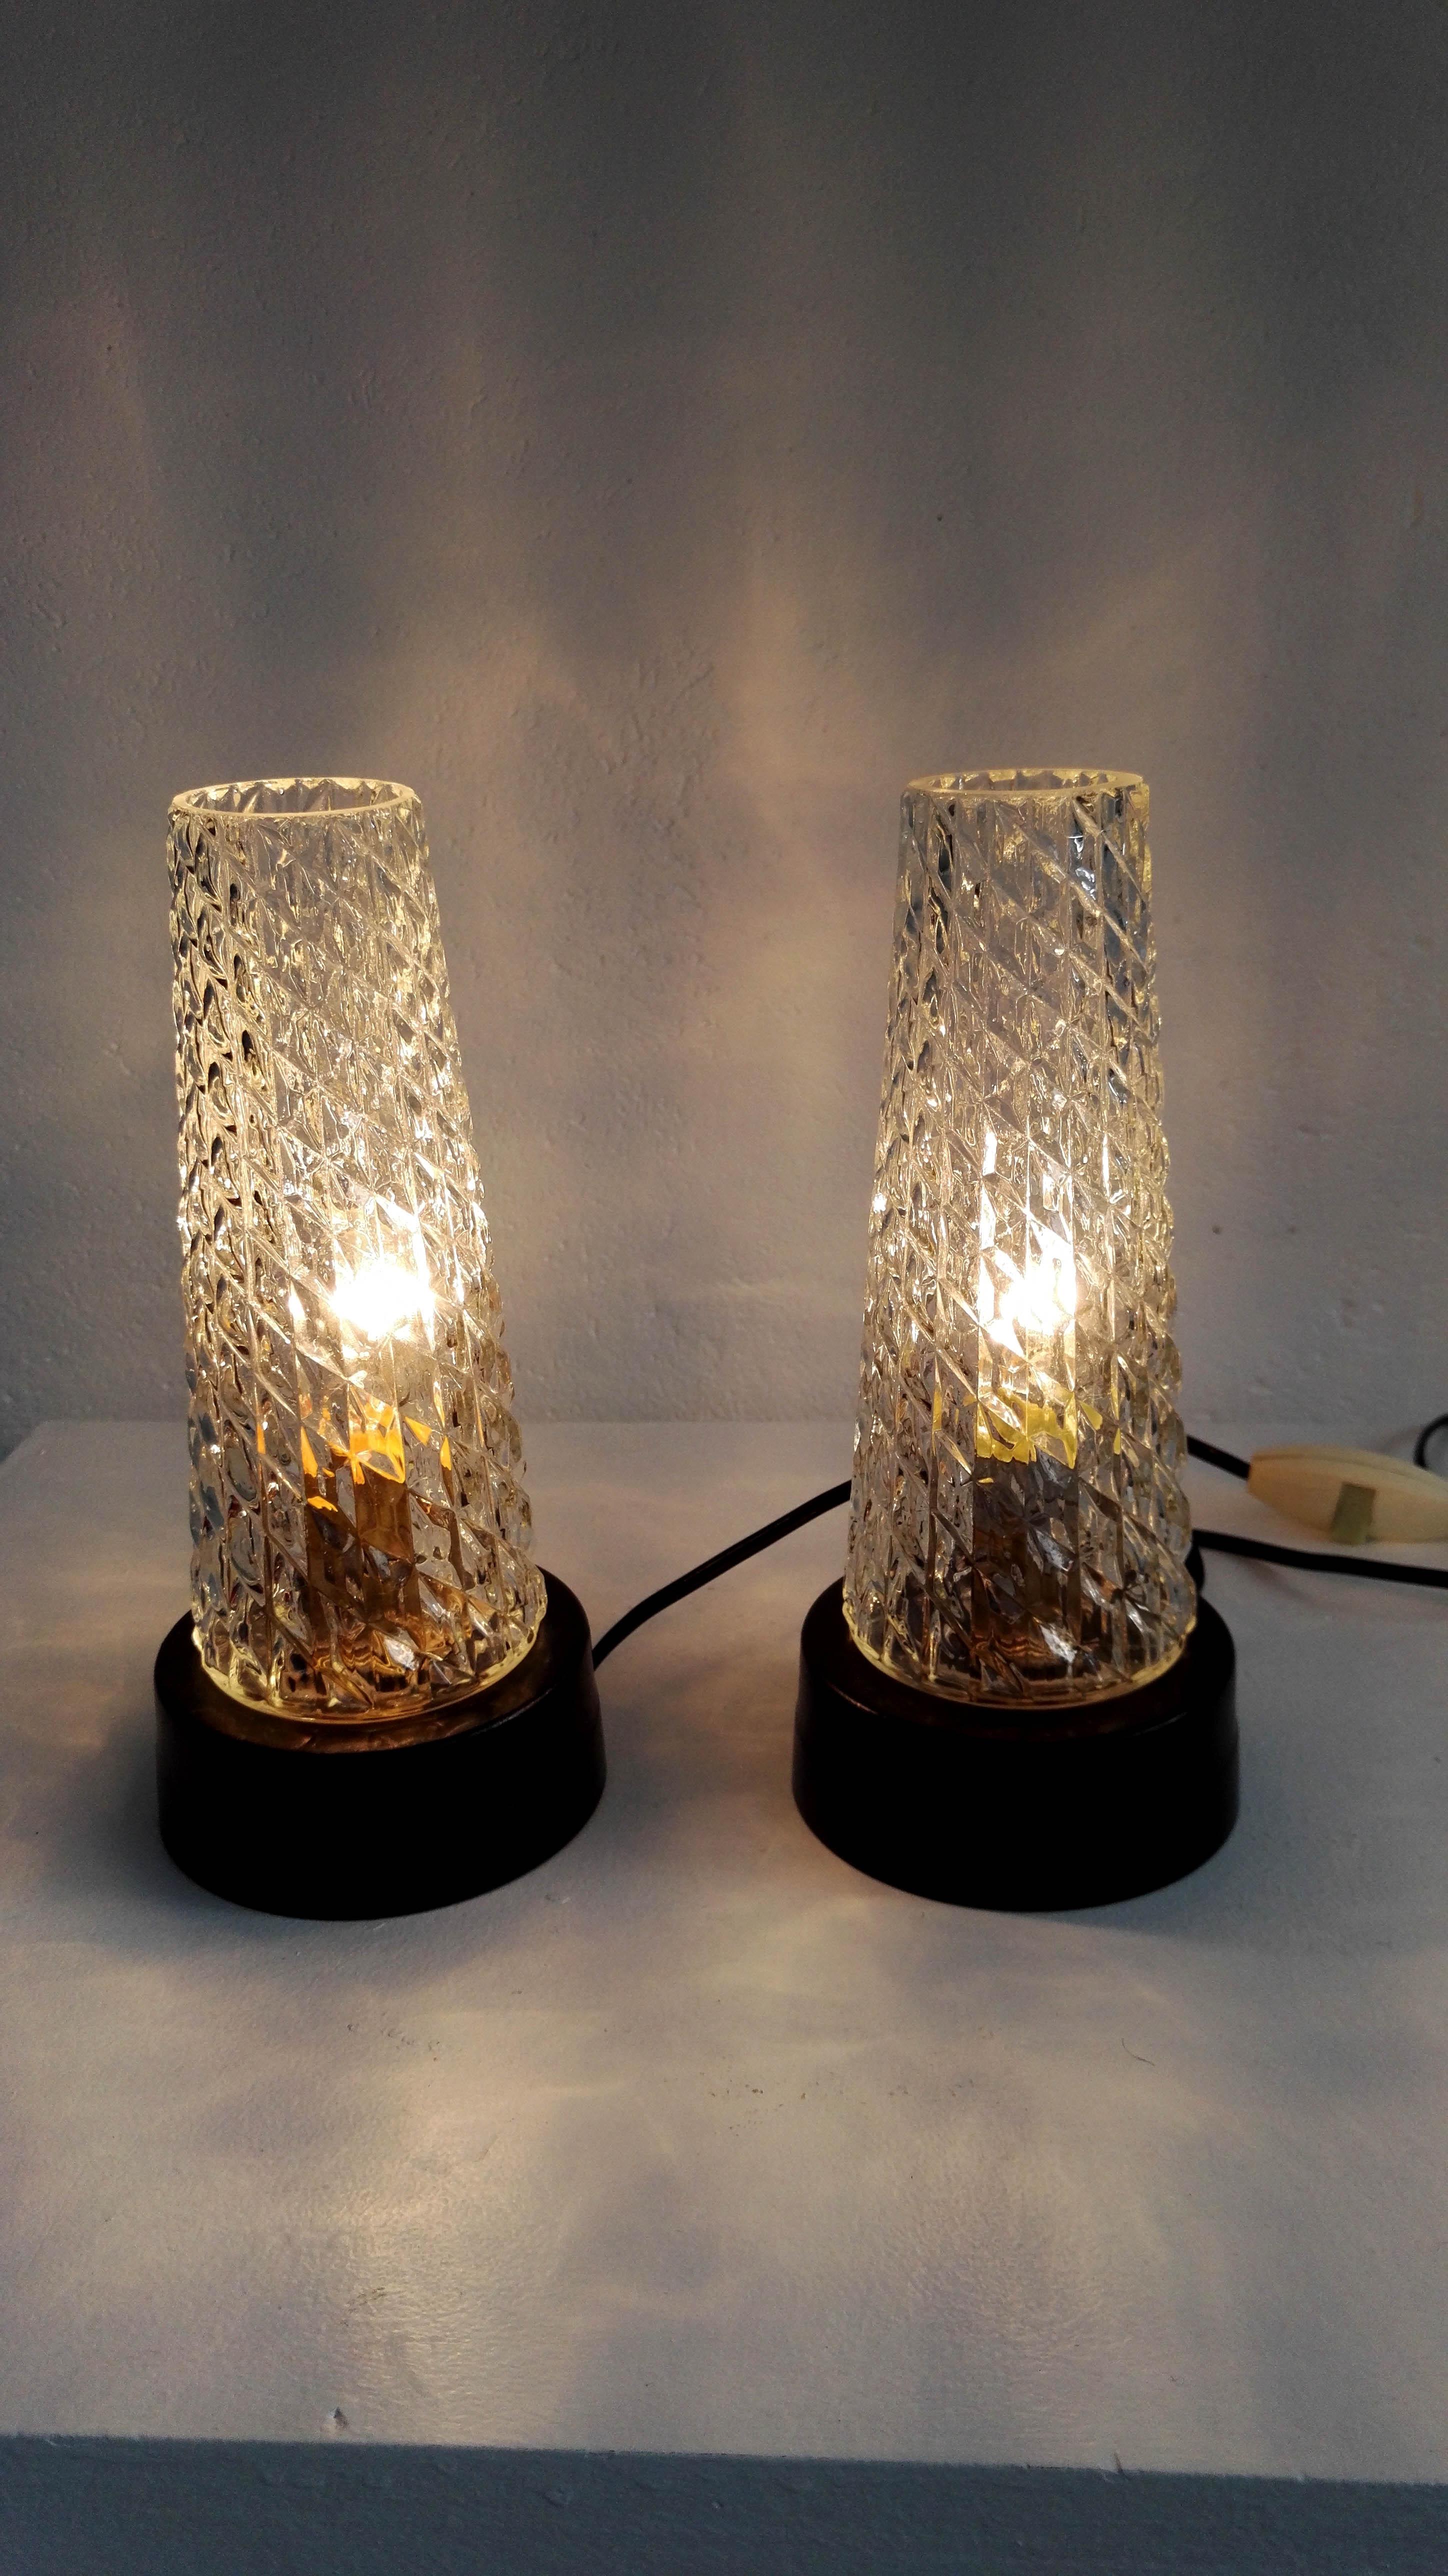 Mimi design Factory Zenado touques luminaires lampes deauville Vintage kuPXiOTZ